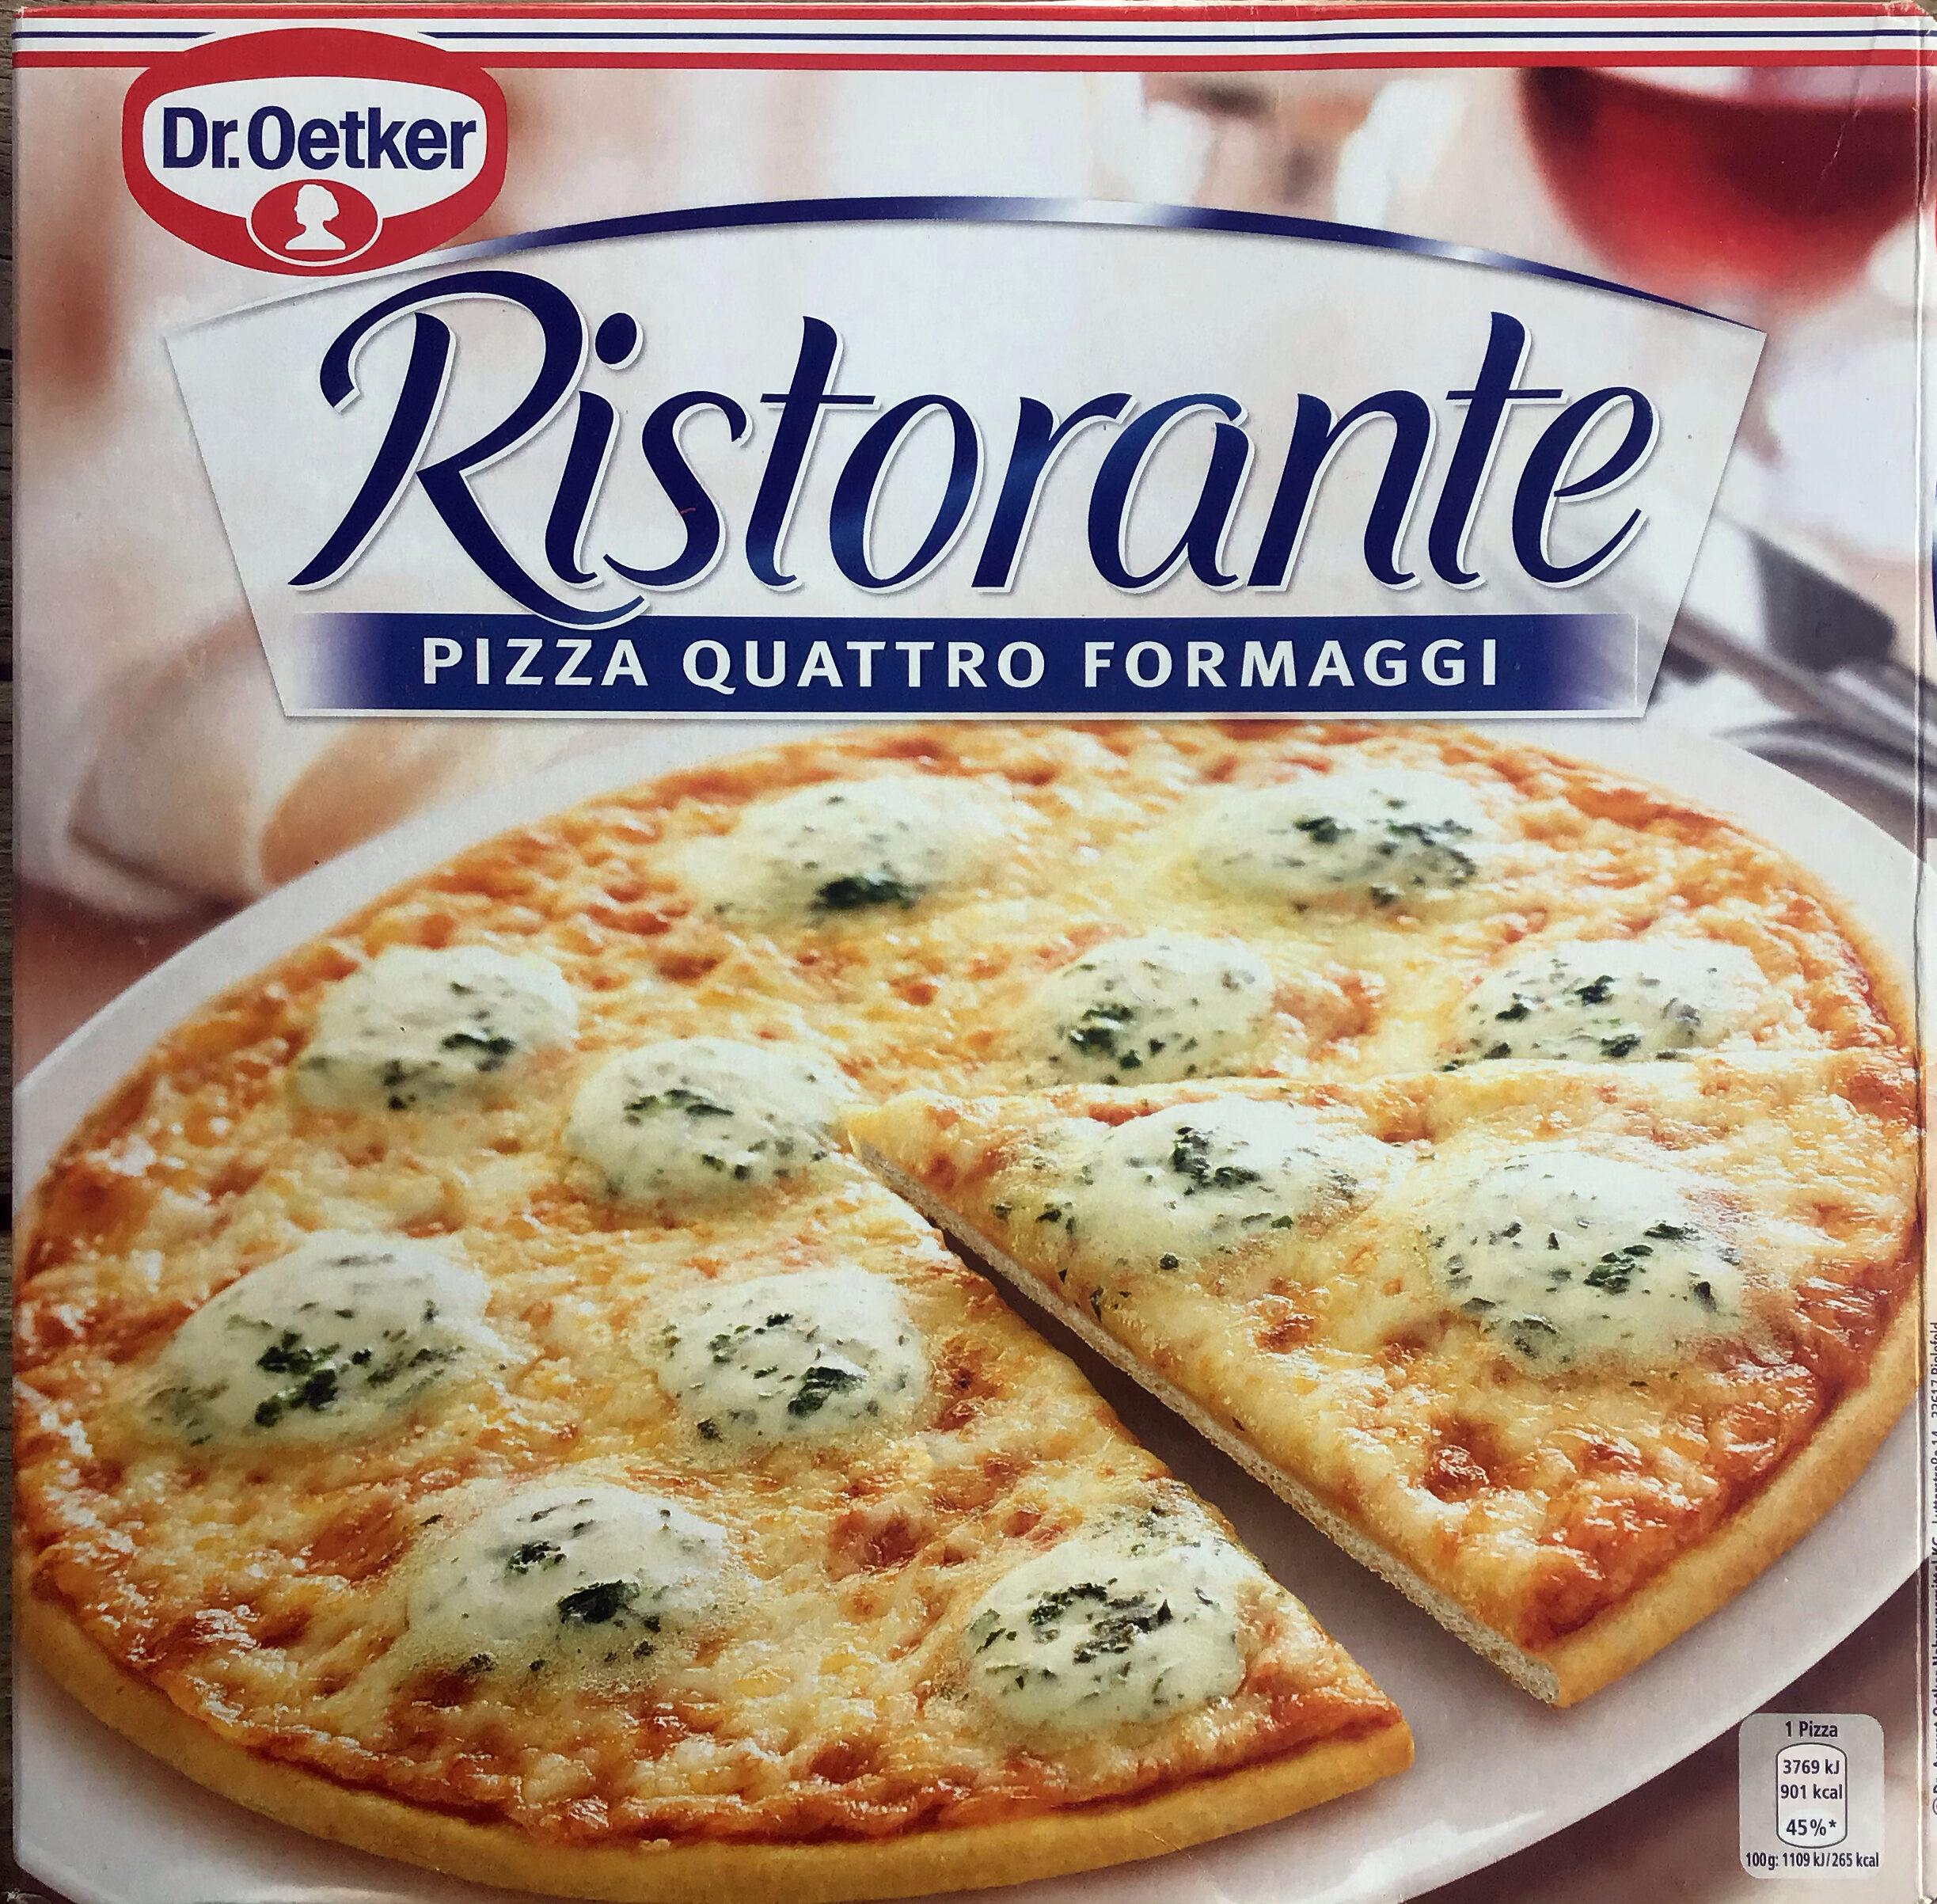 Ristorante Pizza quattro formaggi - Product - en